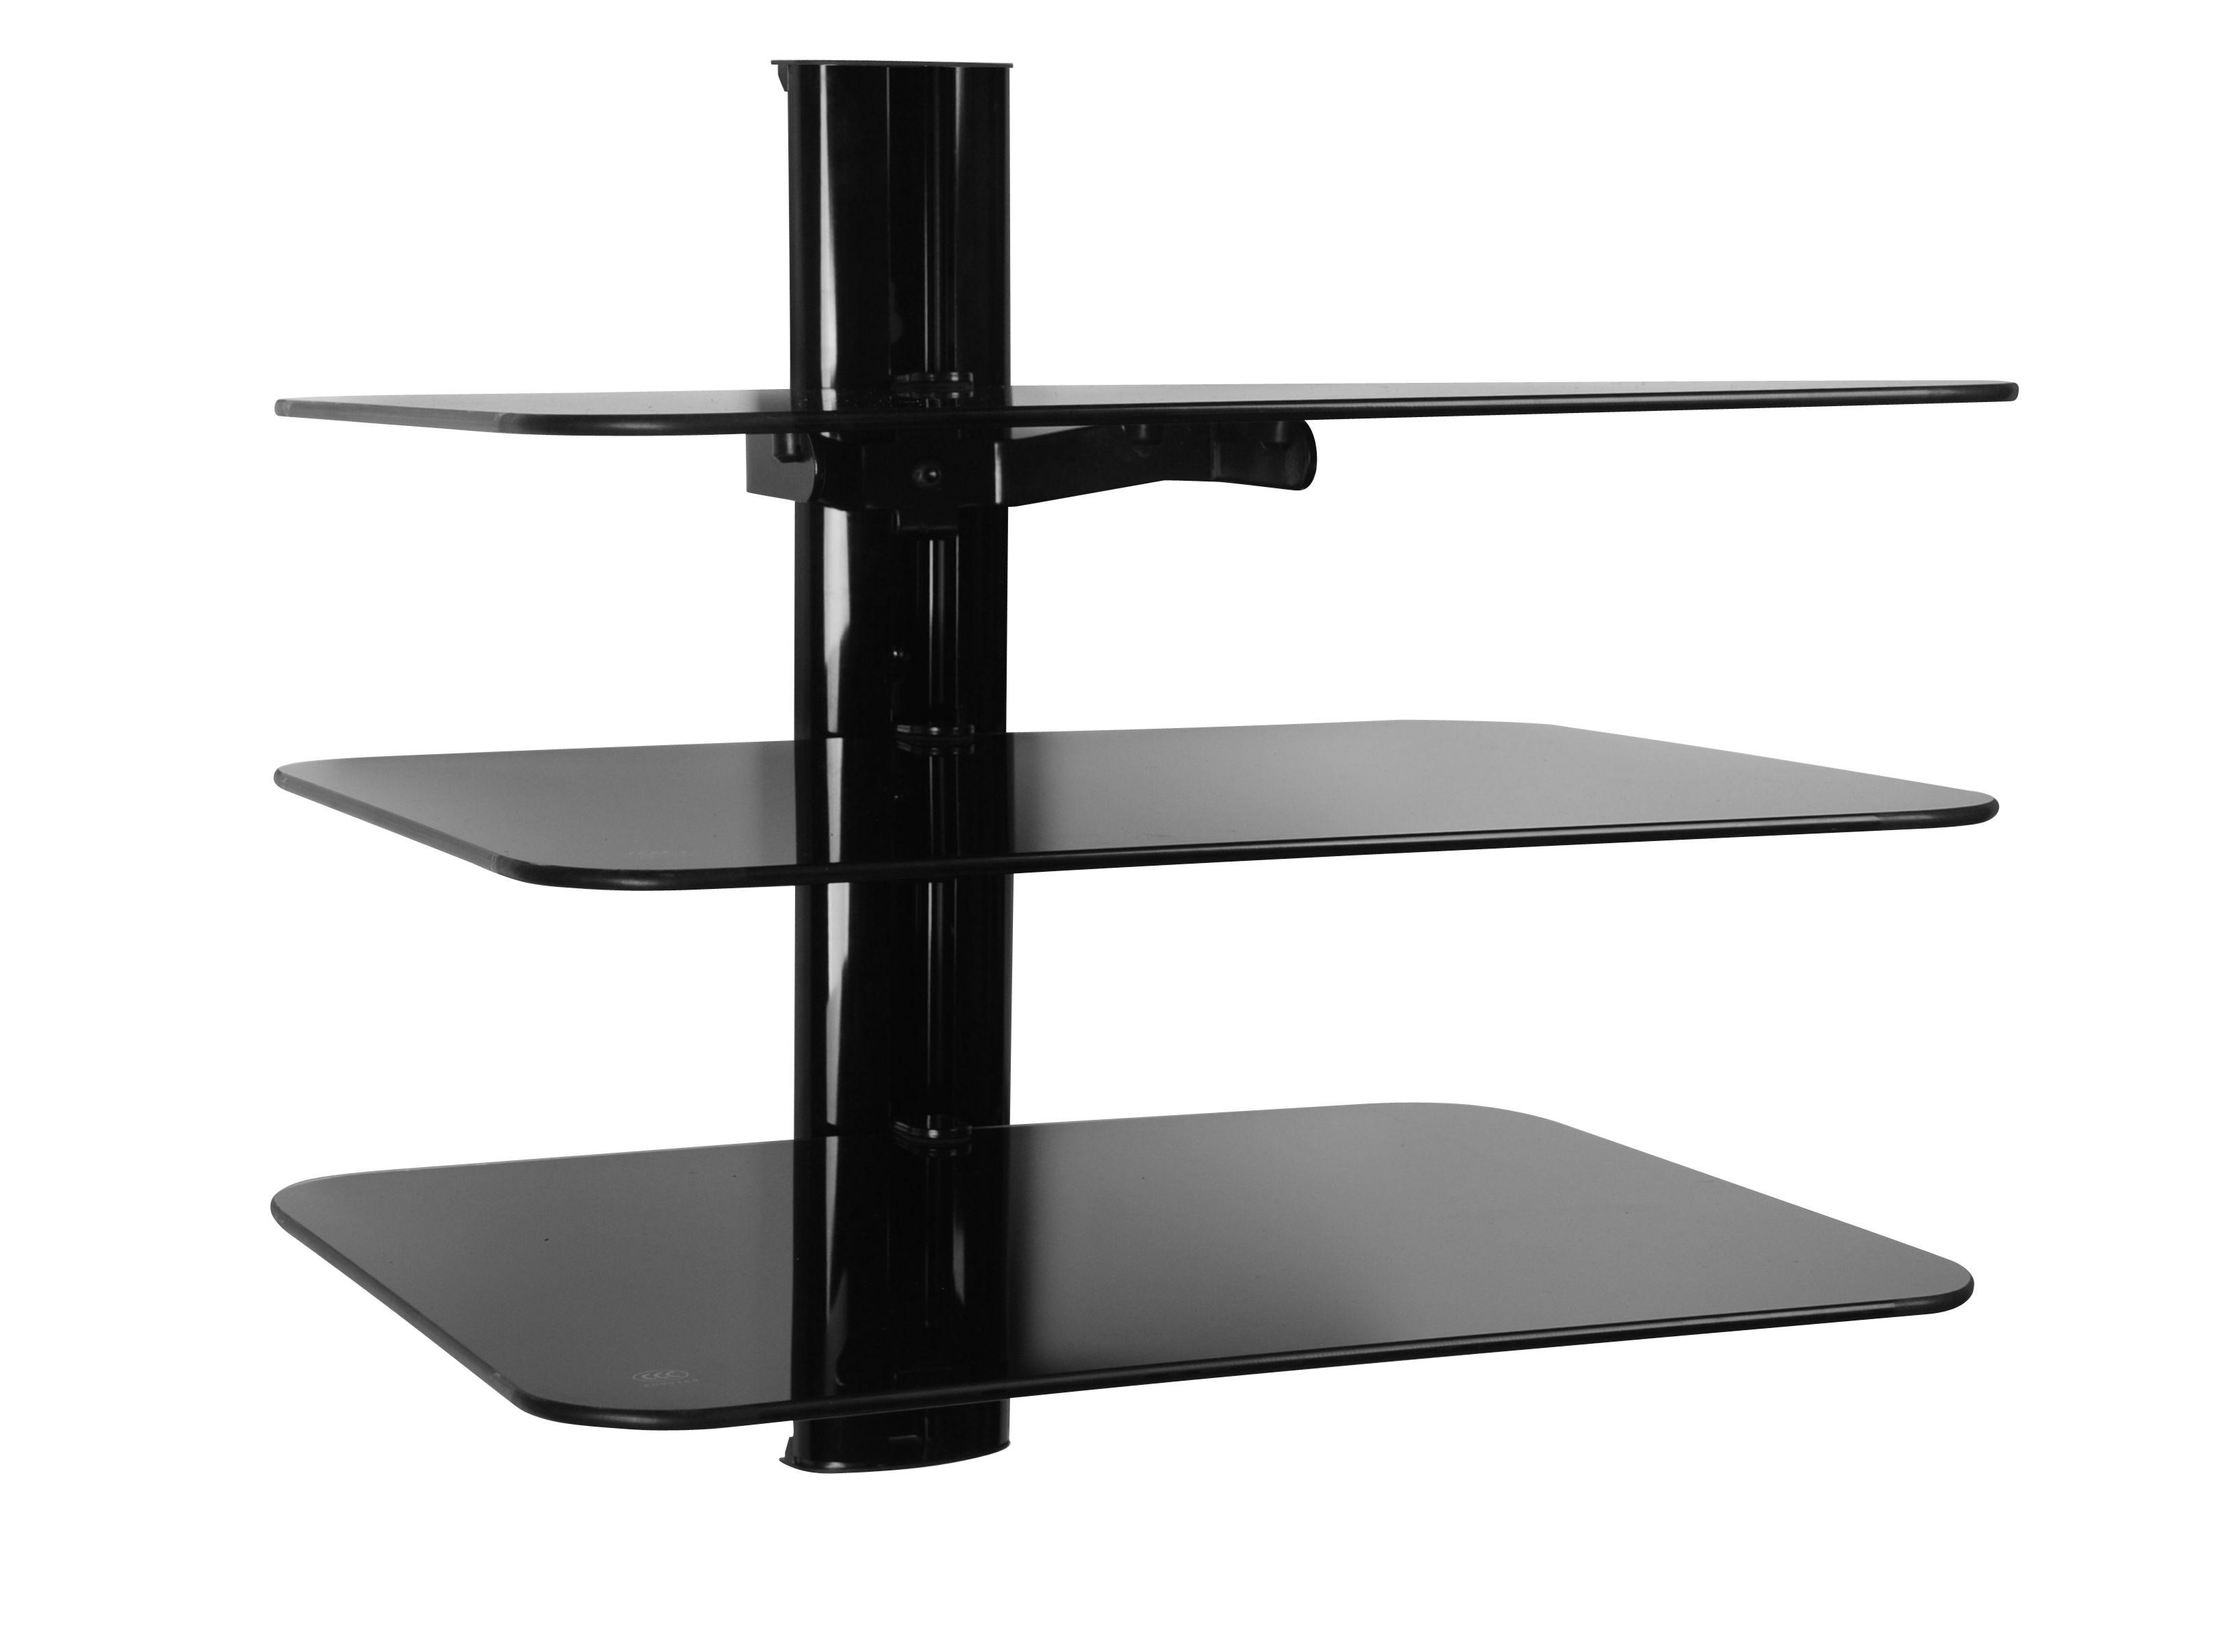 Triple Glass Av Shelving System Intended For Wall Mounted Black Glass Shelves (#11 of 15)